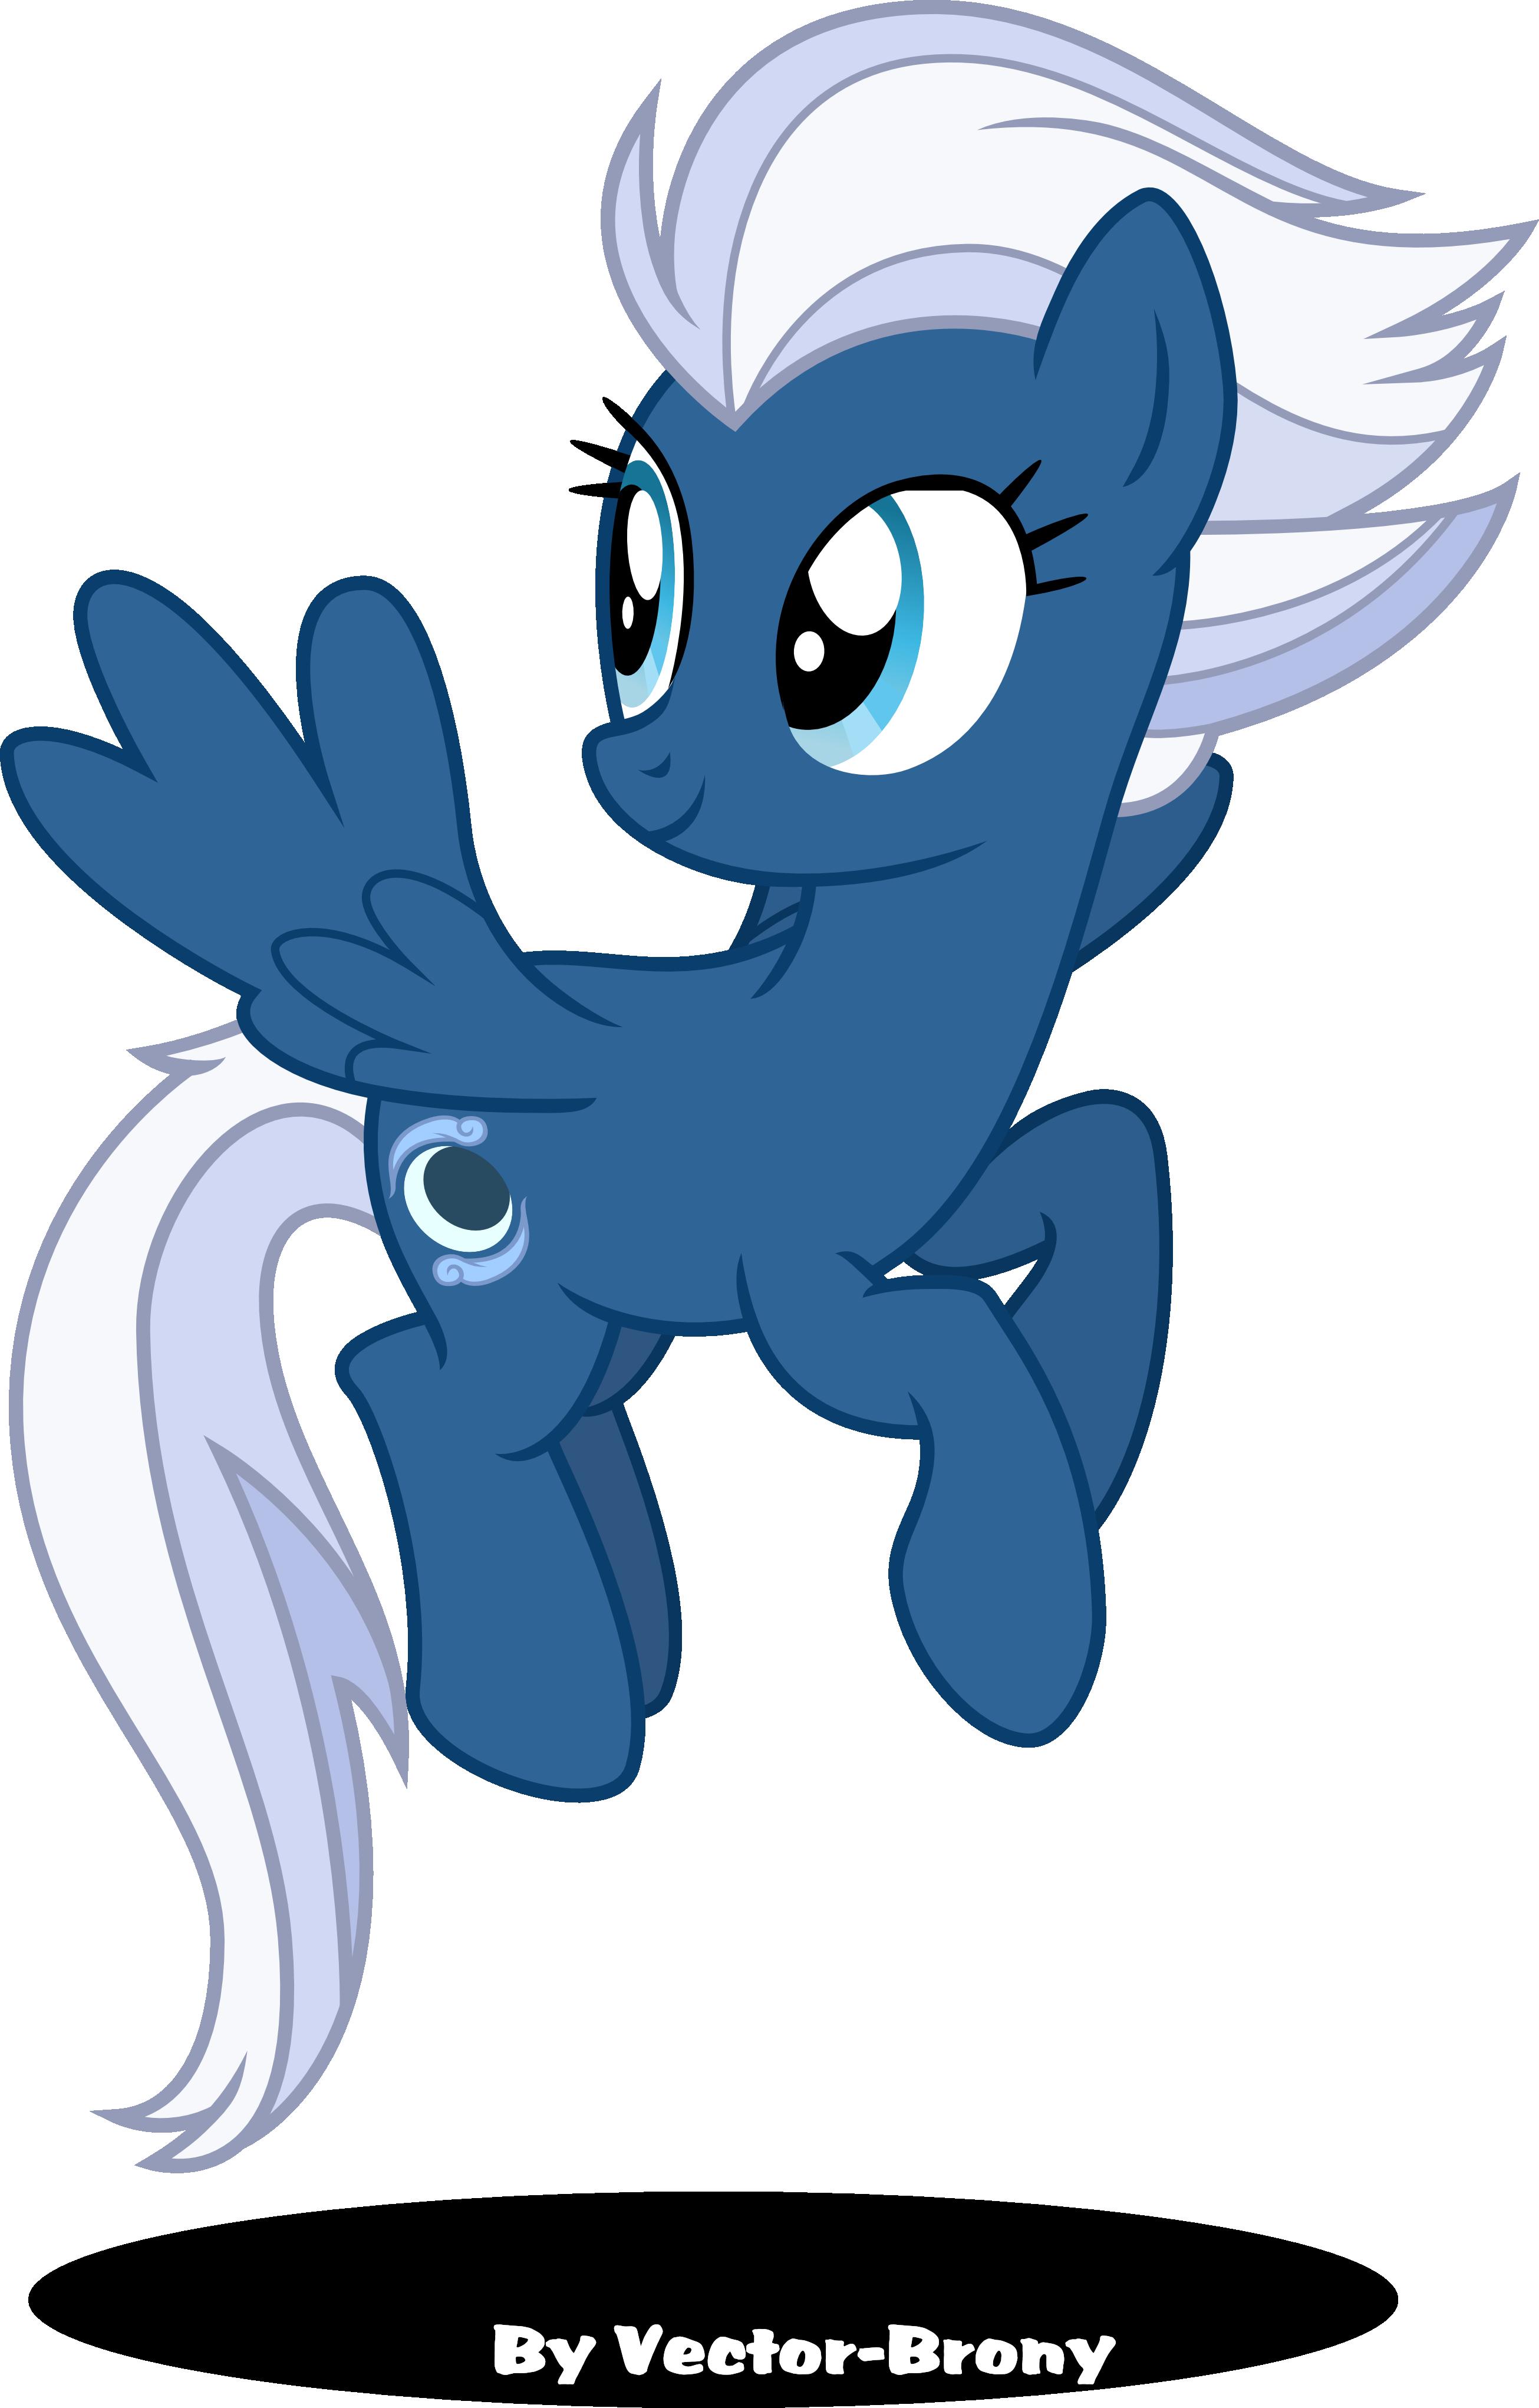 Season 5 pony by Vector-Brony on DeviantArt